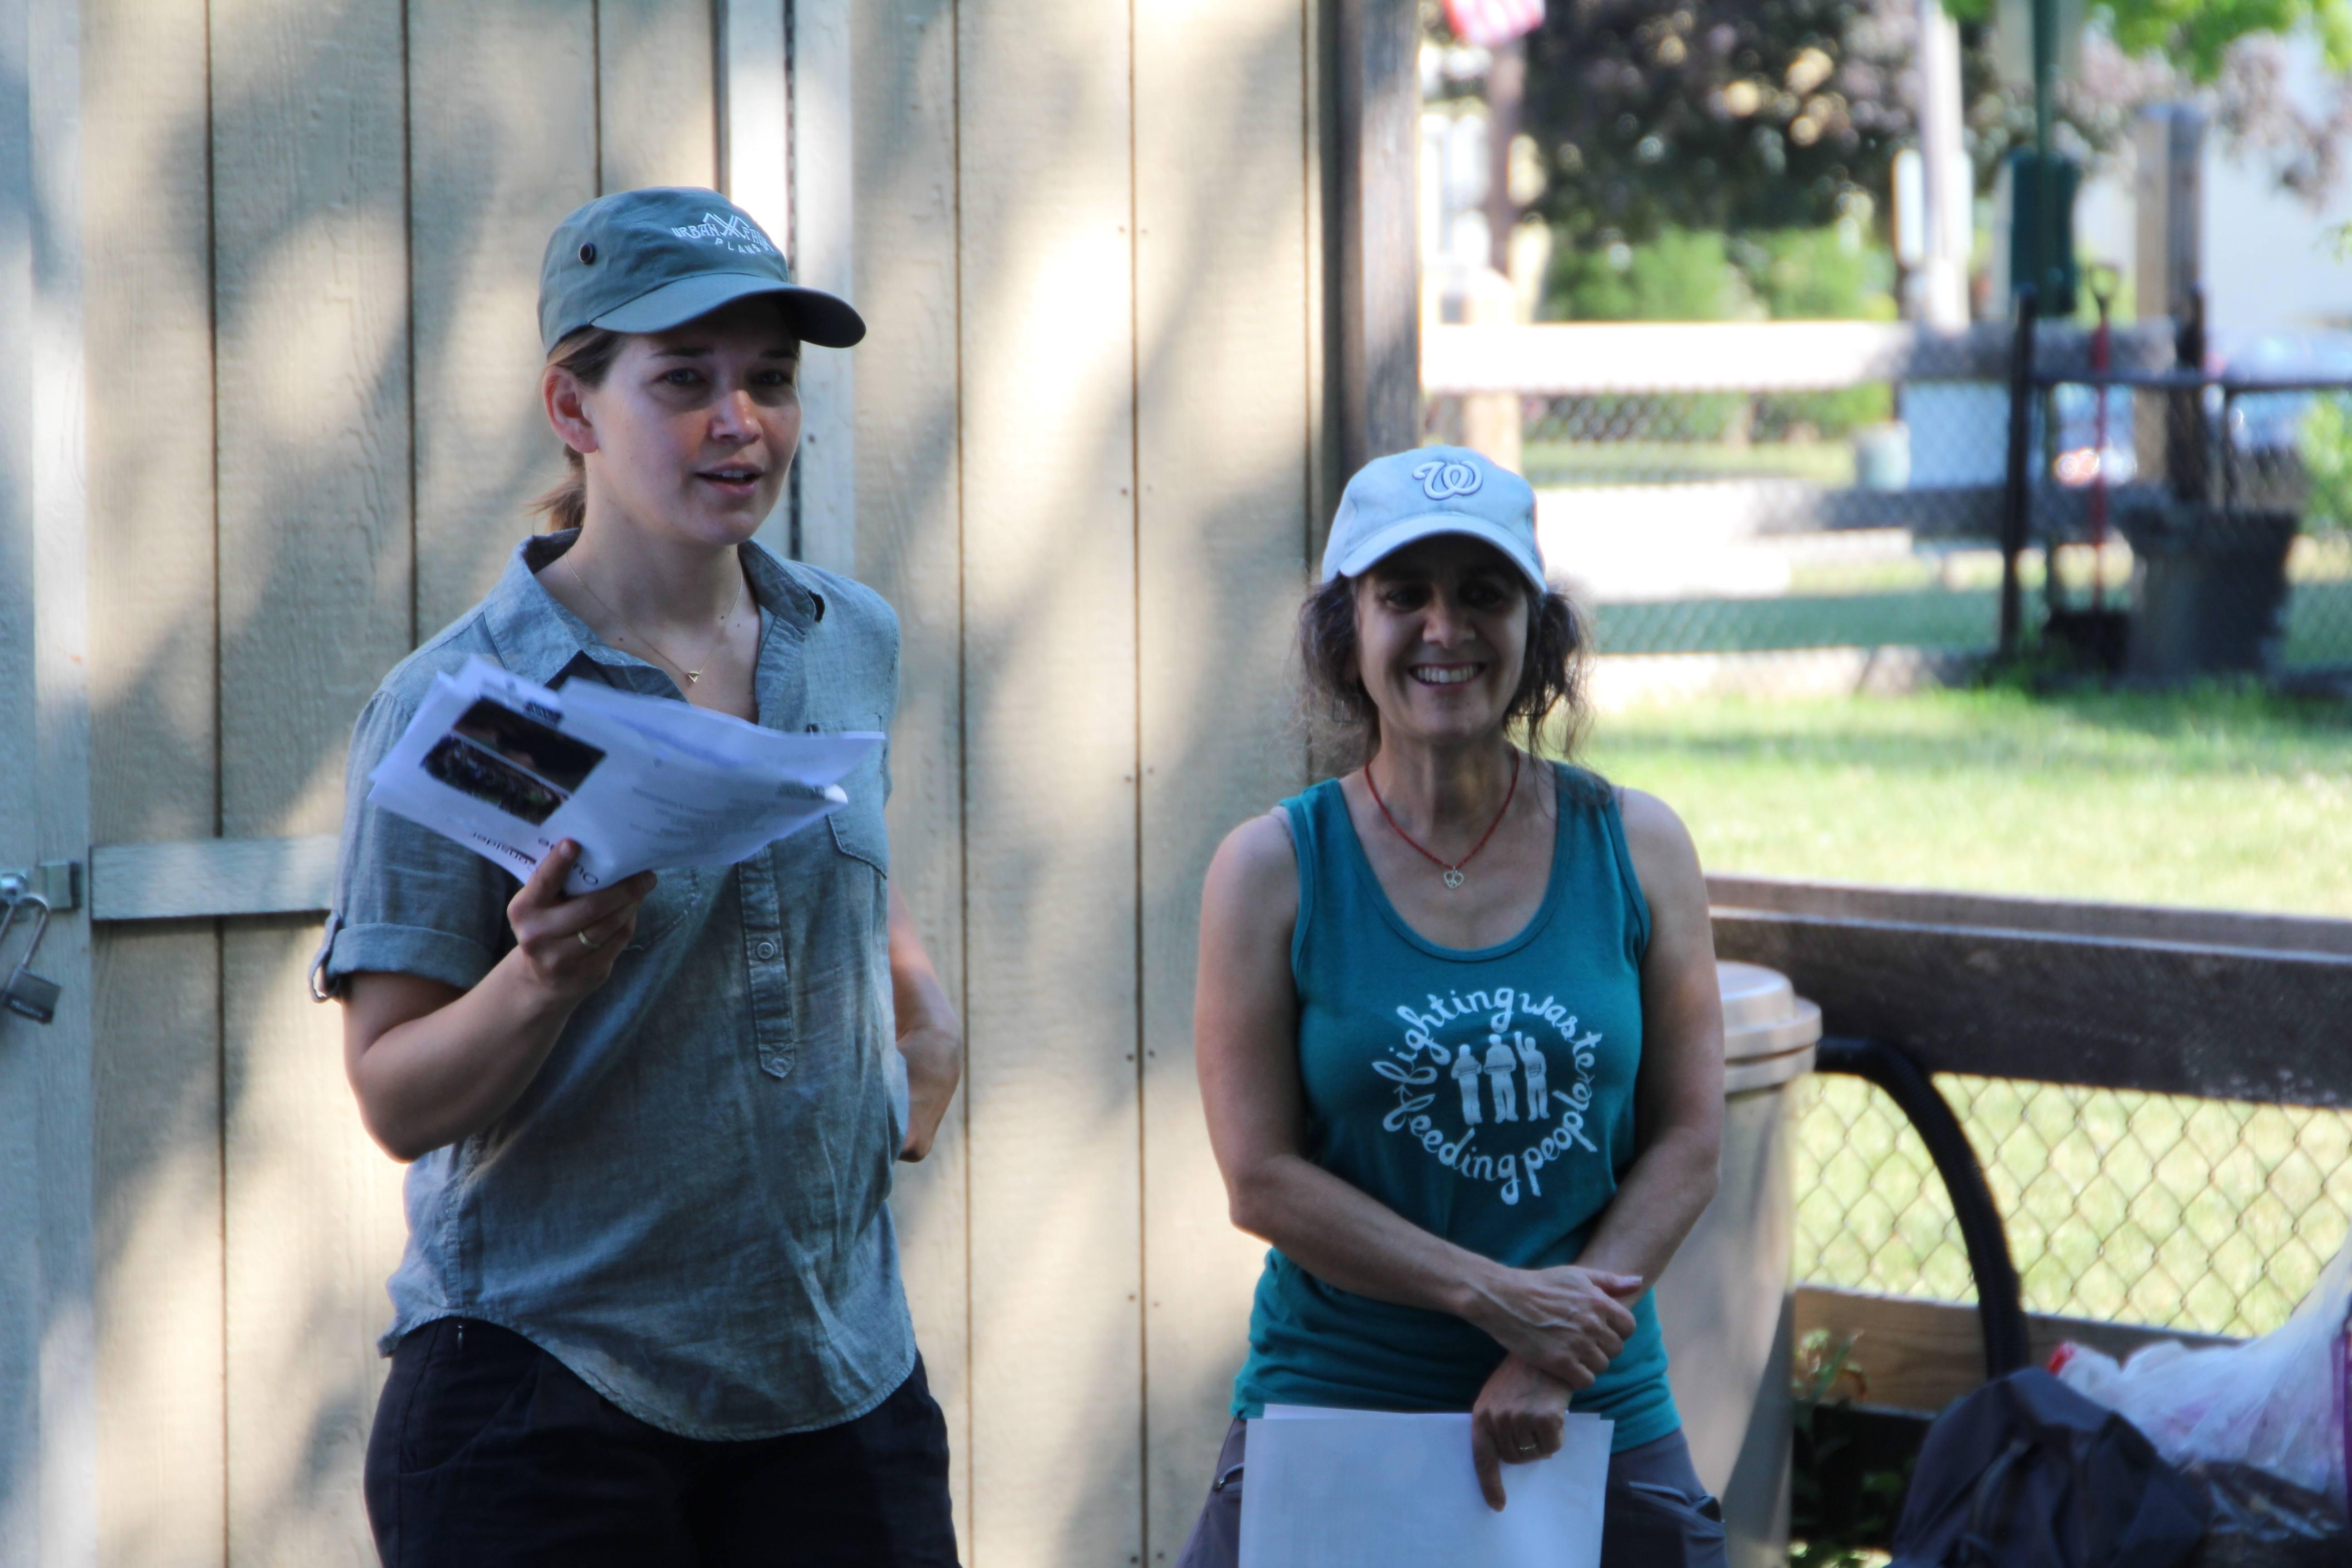 Linda Bilsens Brolis (L) and Brenda Platt (R), the leaders of the training.